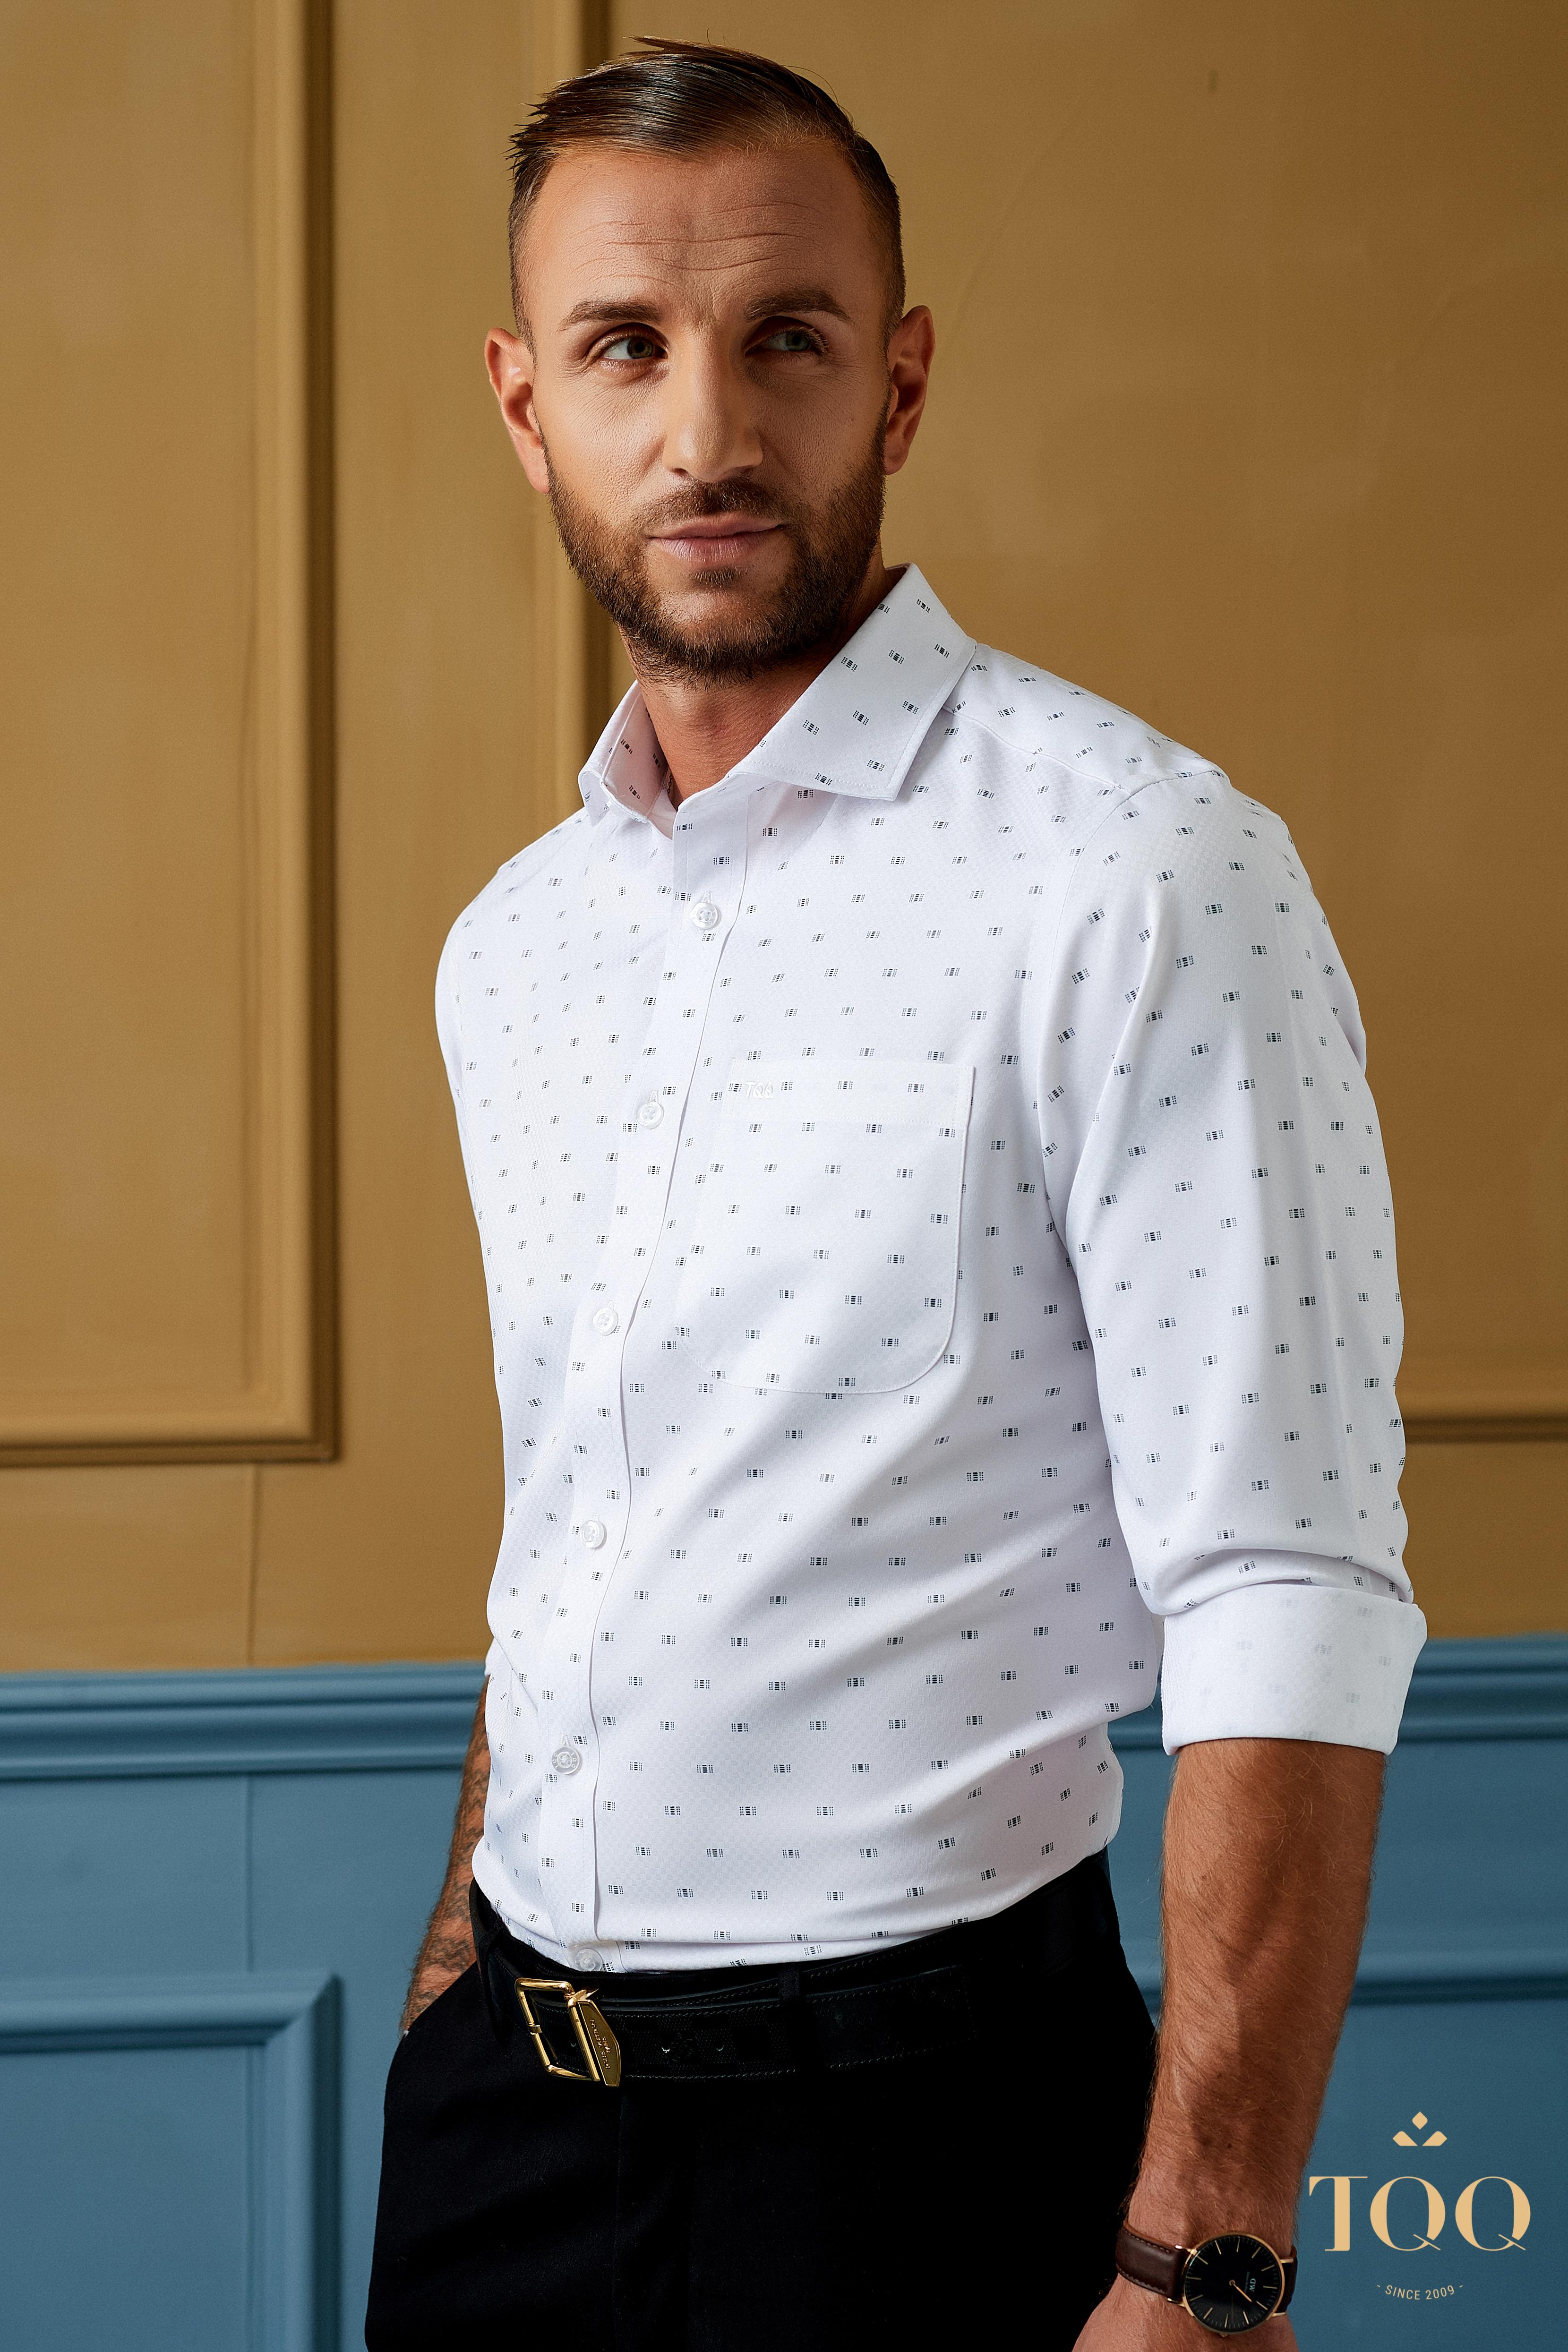 Các loại áo sơ mi nam trắng được đánh giá khá cao bởi có thể sử dụng trong nhiều hoàn cảnh khác nhau